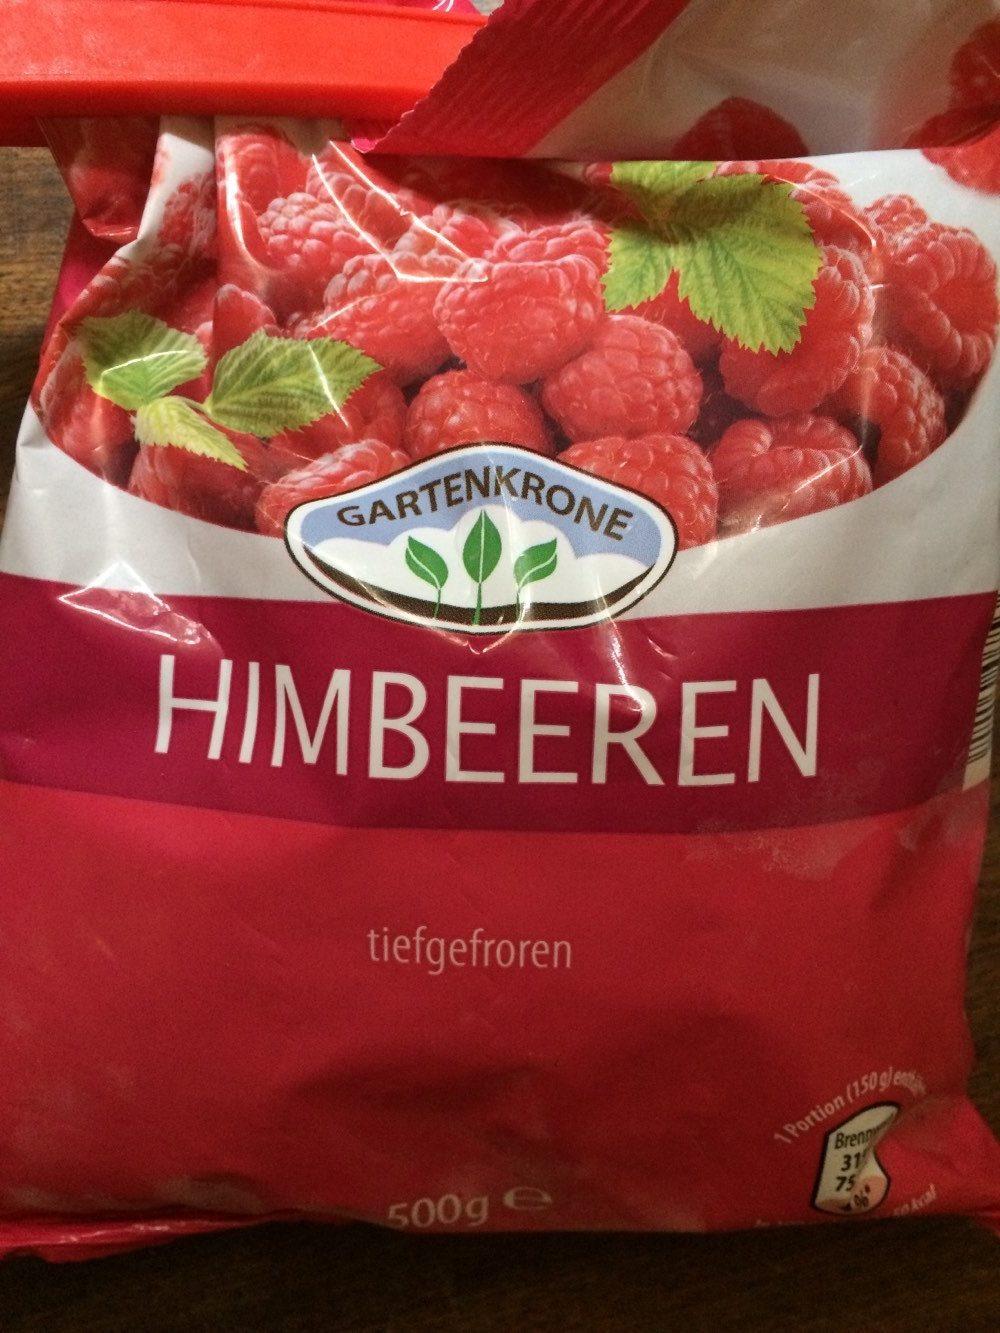 Himbeeren - Product - de